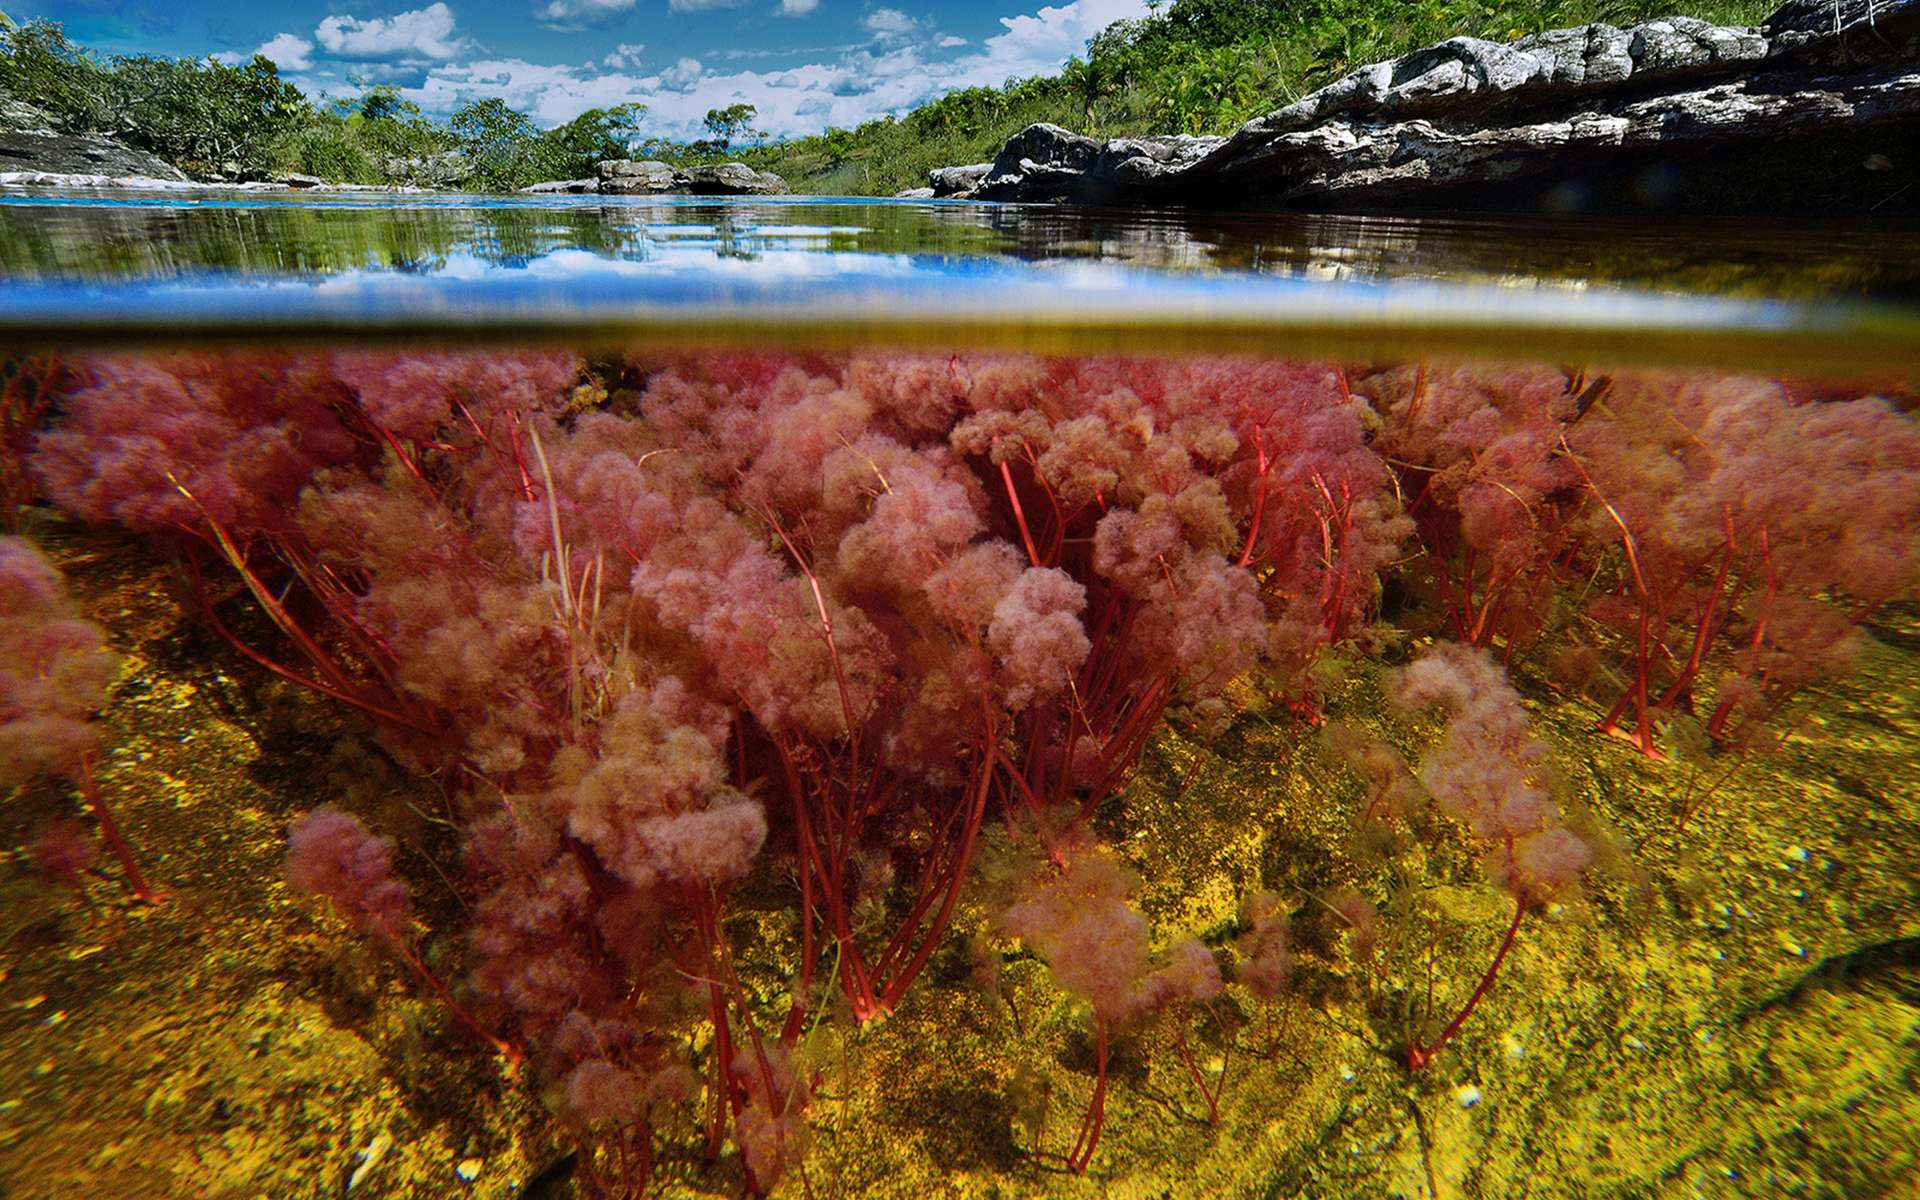 Au cœur de la Colombie, voici la Caño Cristales, « la rivière des cristaux ». Chaque année, le petit ruisseau se transforme en torrent, et chaque année, ses eaux se parent d'une riche palette de couleurs. Un lieu magique et magnifique, enchanteur. © Olivier Grunewald. Tous droits réservés